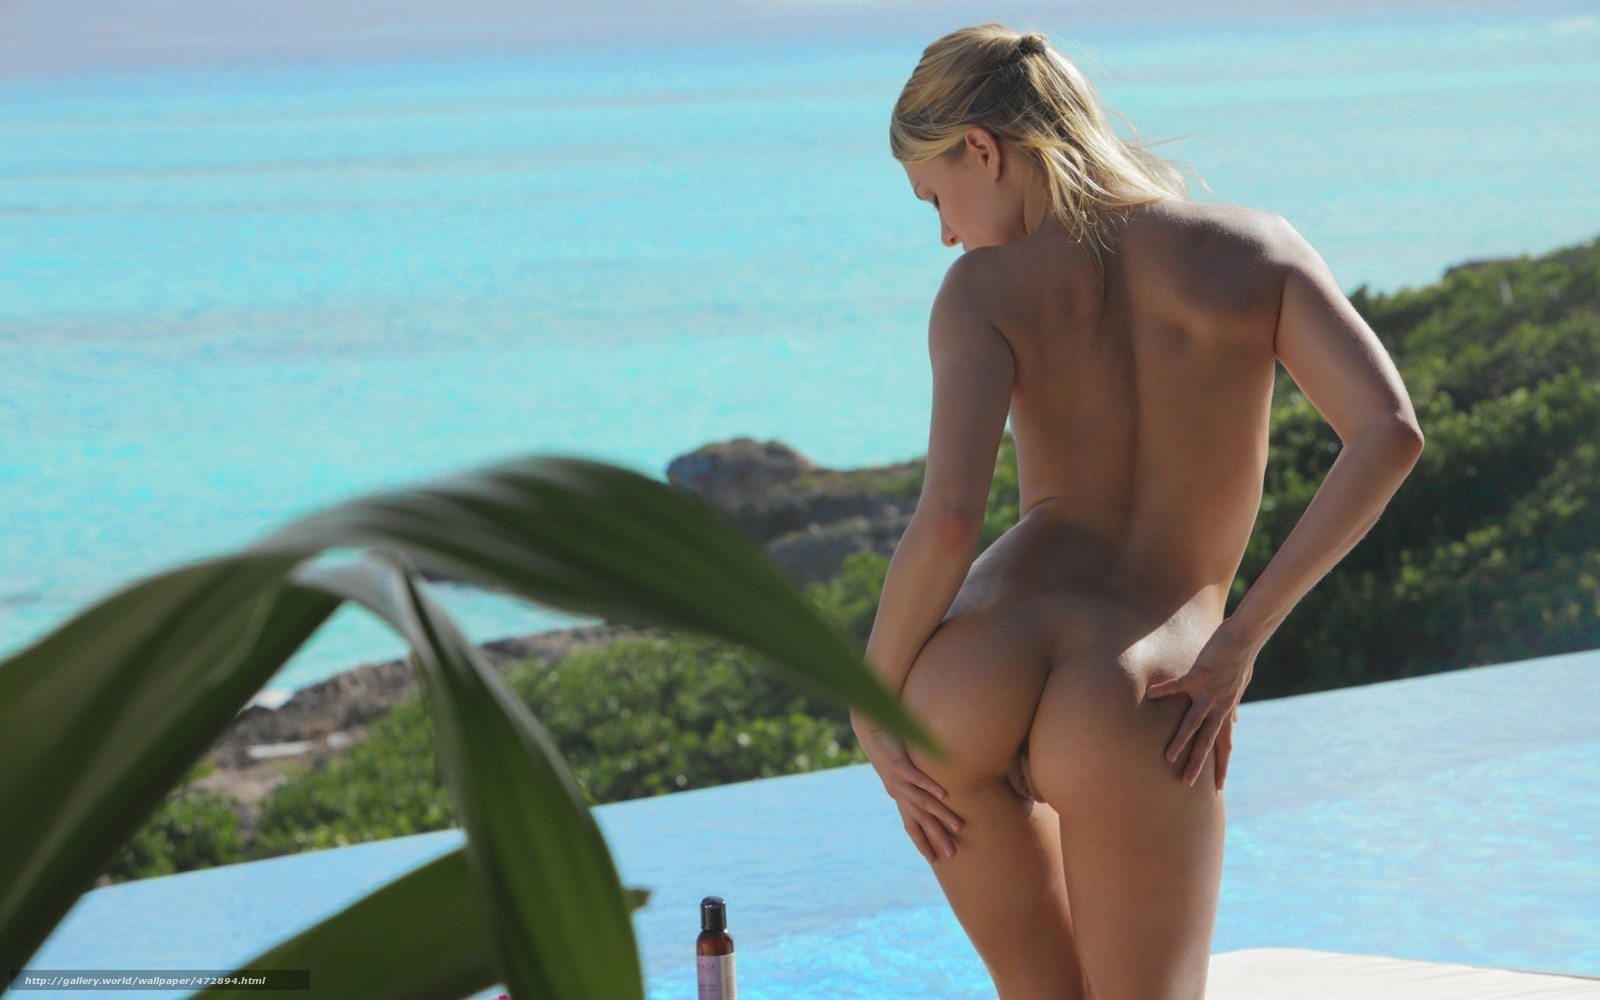 Фото попок блондинок сзади без лица у моря 5 фотография